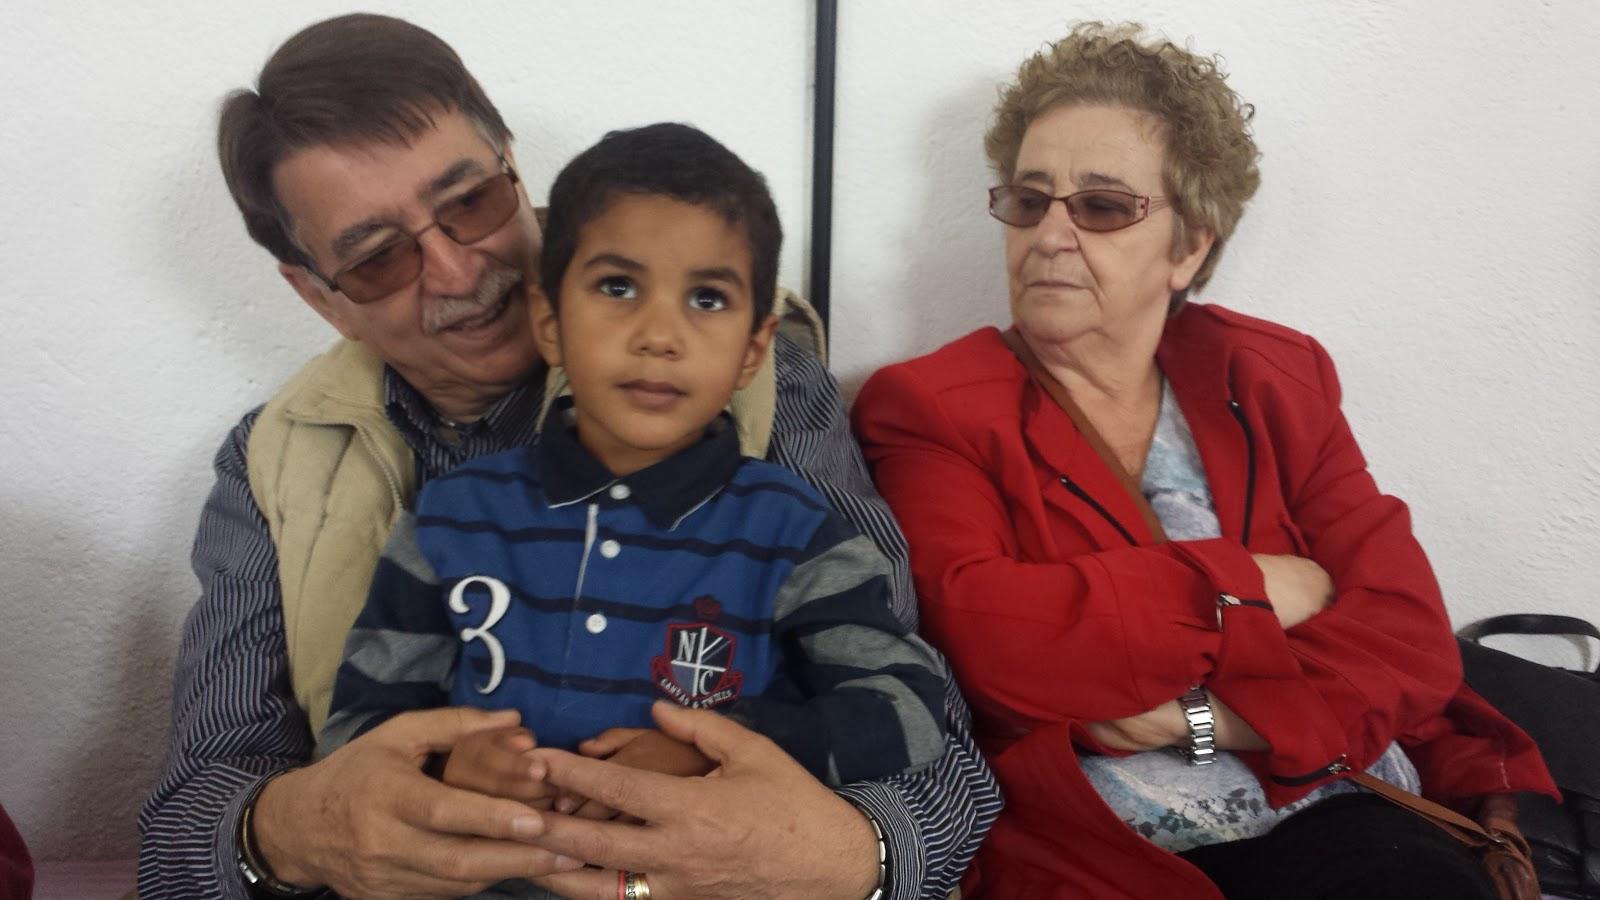 Elhomenajeado Cipriano González, junto a su esposa y nieto saharaui